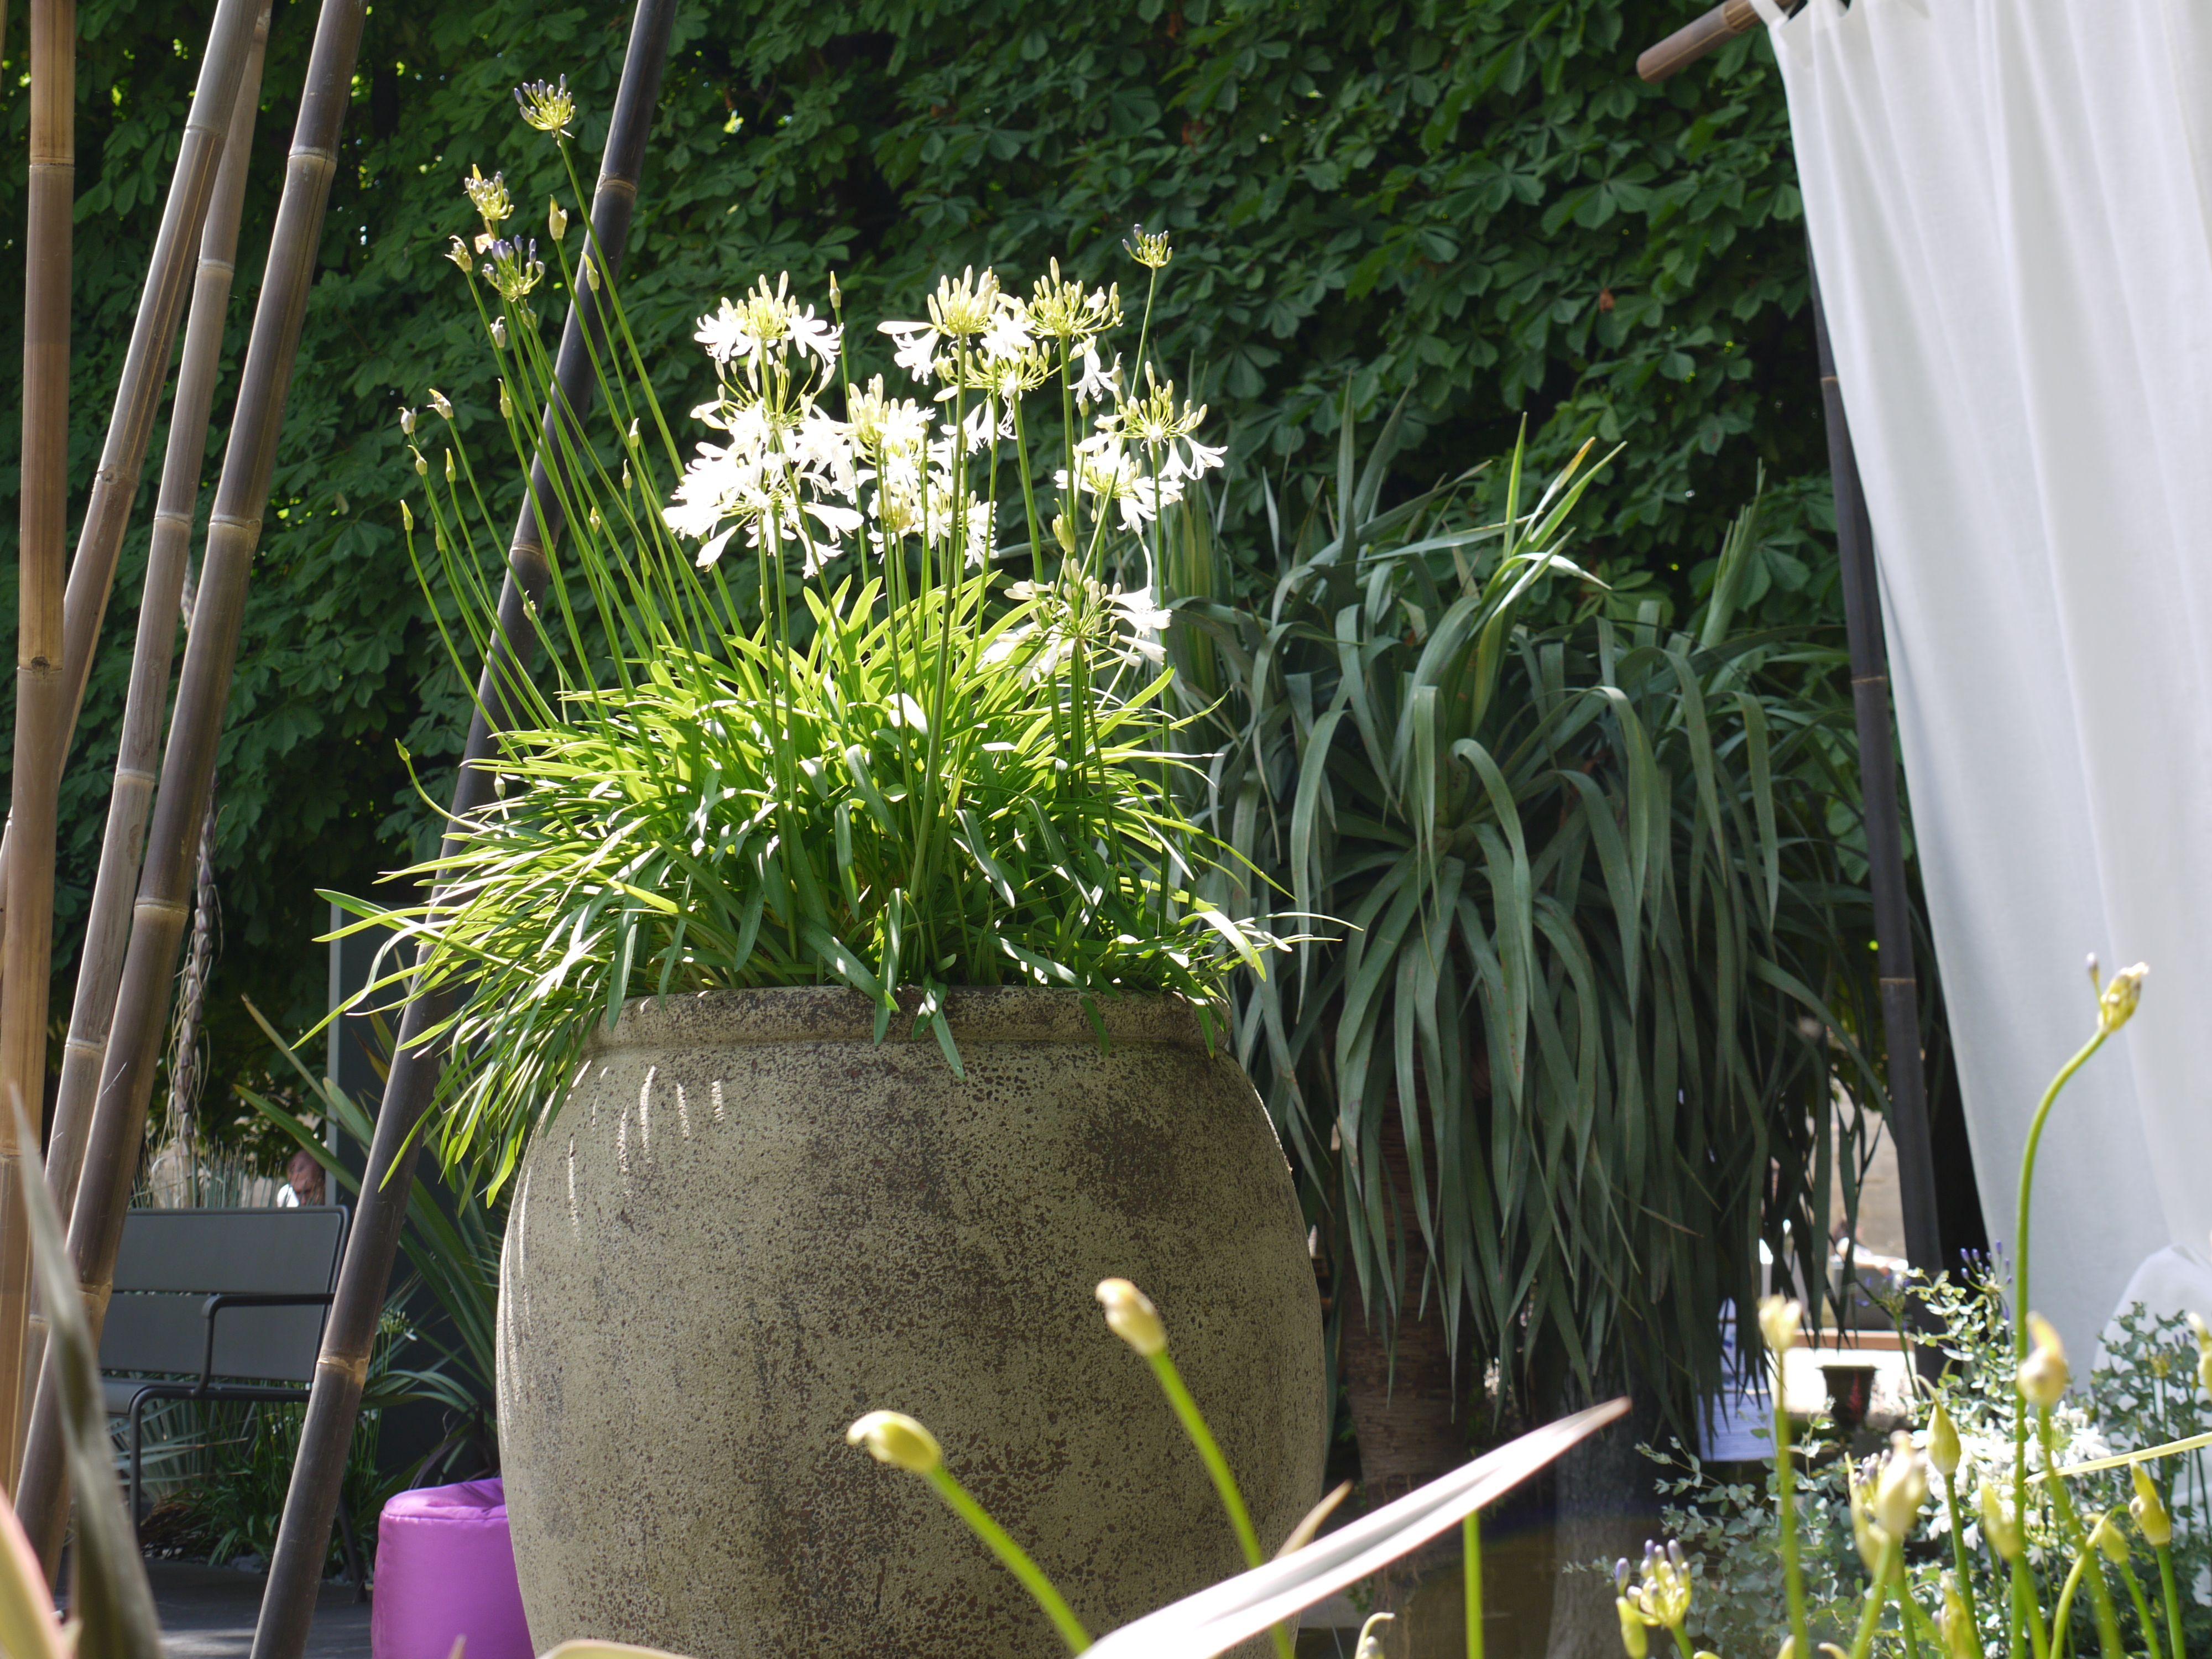 Stand Truffaut A Jardins Jardin Enorme Pot De Fleurs Et Voile Blanc Accessoire Jardin Pot De Fleurs Jardins